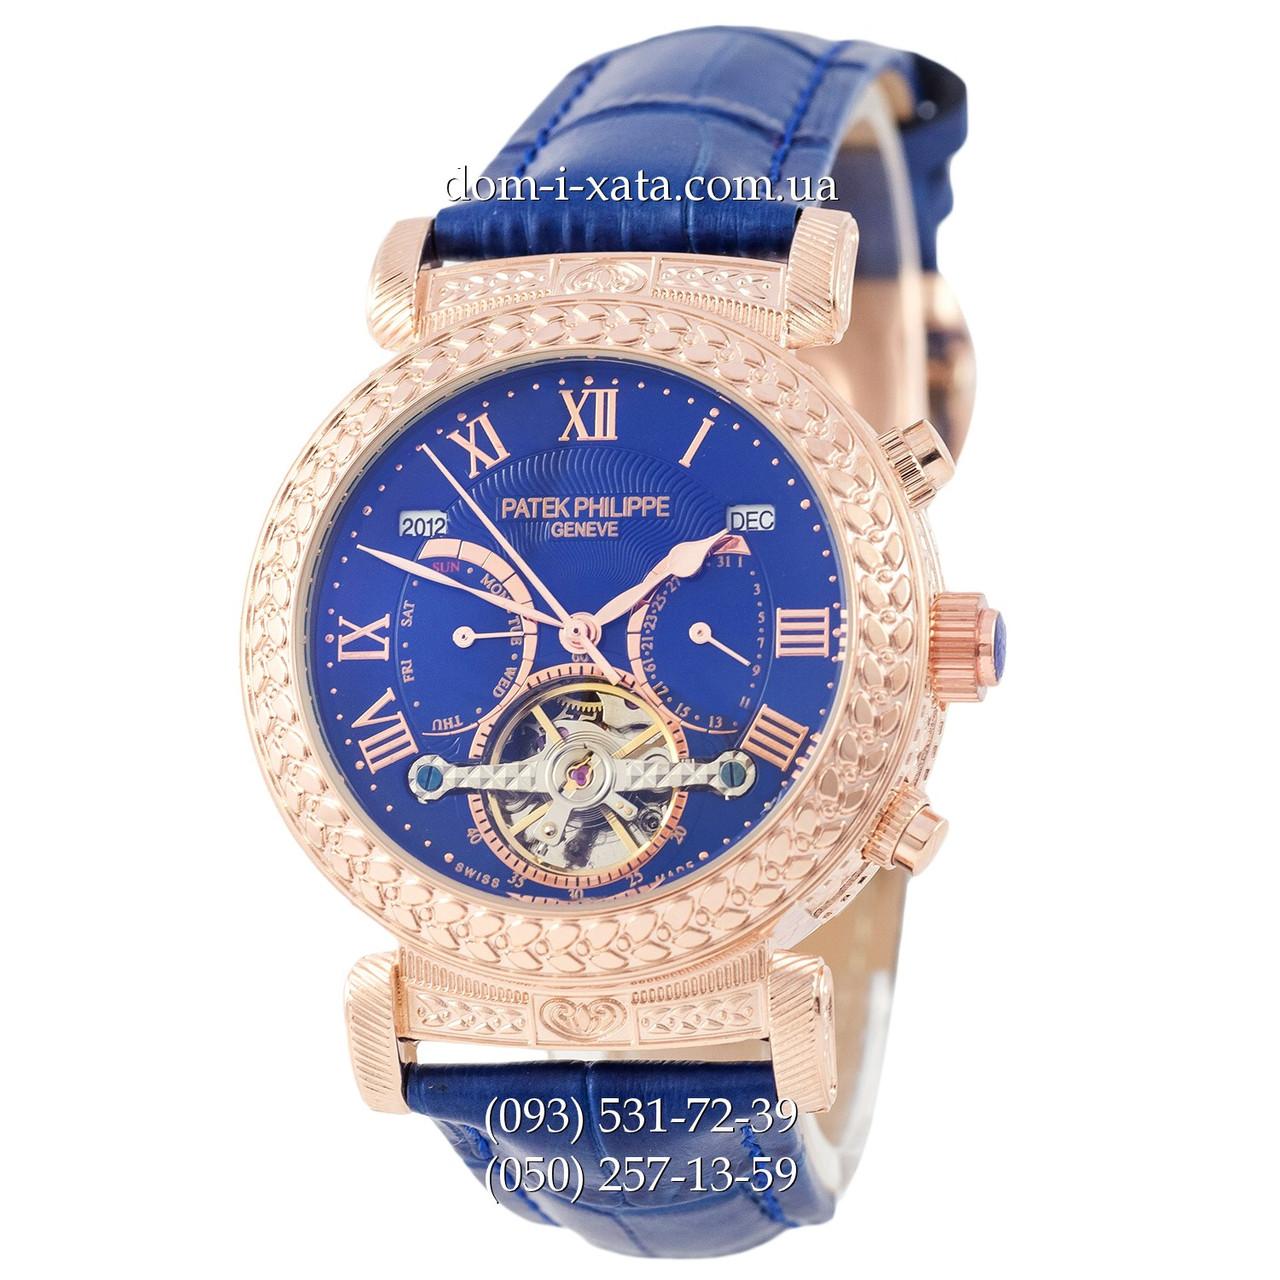 Мужские часы Patek Philippe Grand Complications Power Tourbillon Blue-Gold-Blue, механические, элитные часы, реплика, отличное качество!